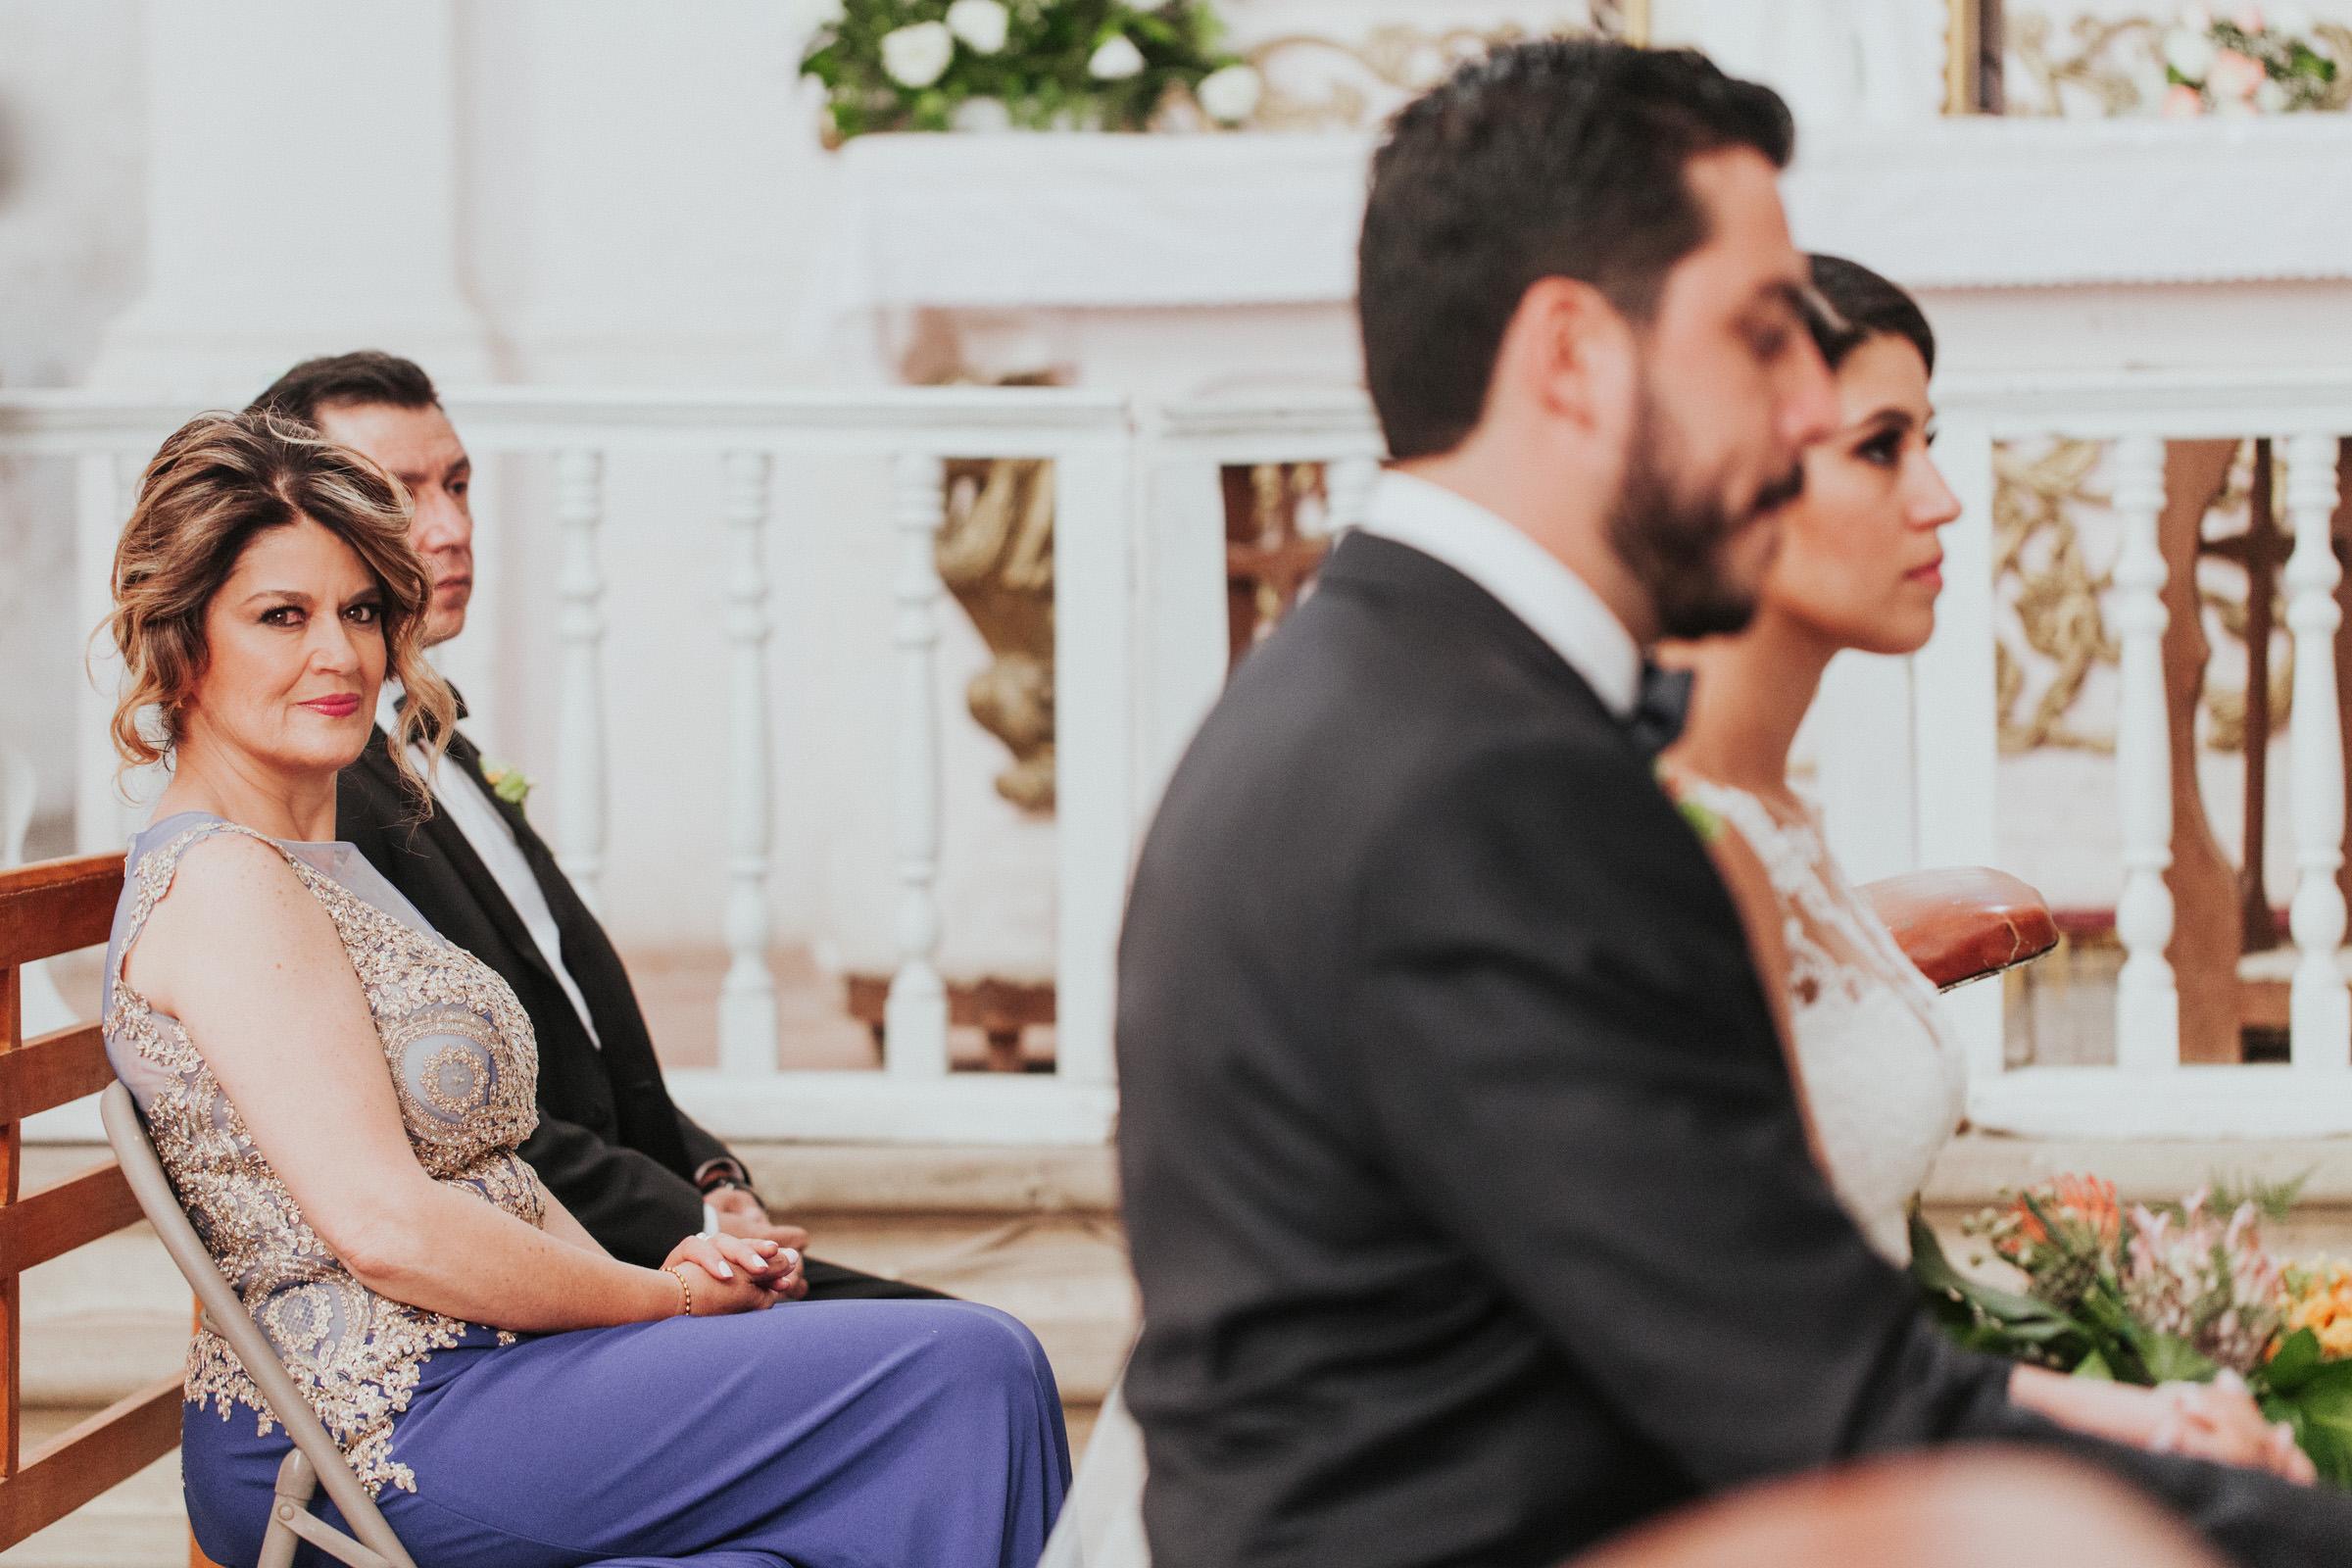 Boda-Guanajuato-Camino-de-Vinos-San-Miguel-Allende-Wedding-Fotografia-Paulina-Mauricio-Pierce0168.JPG